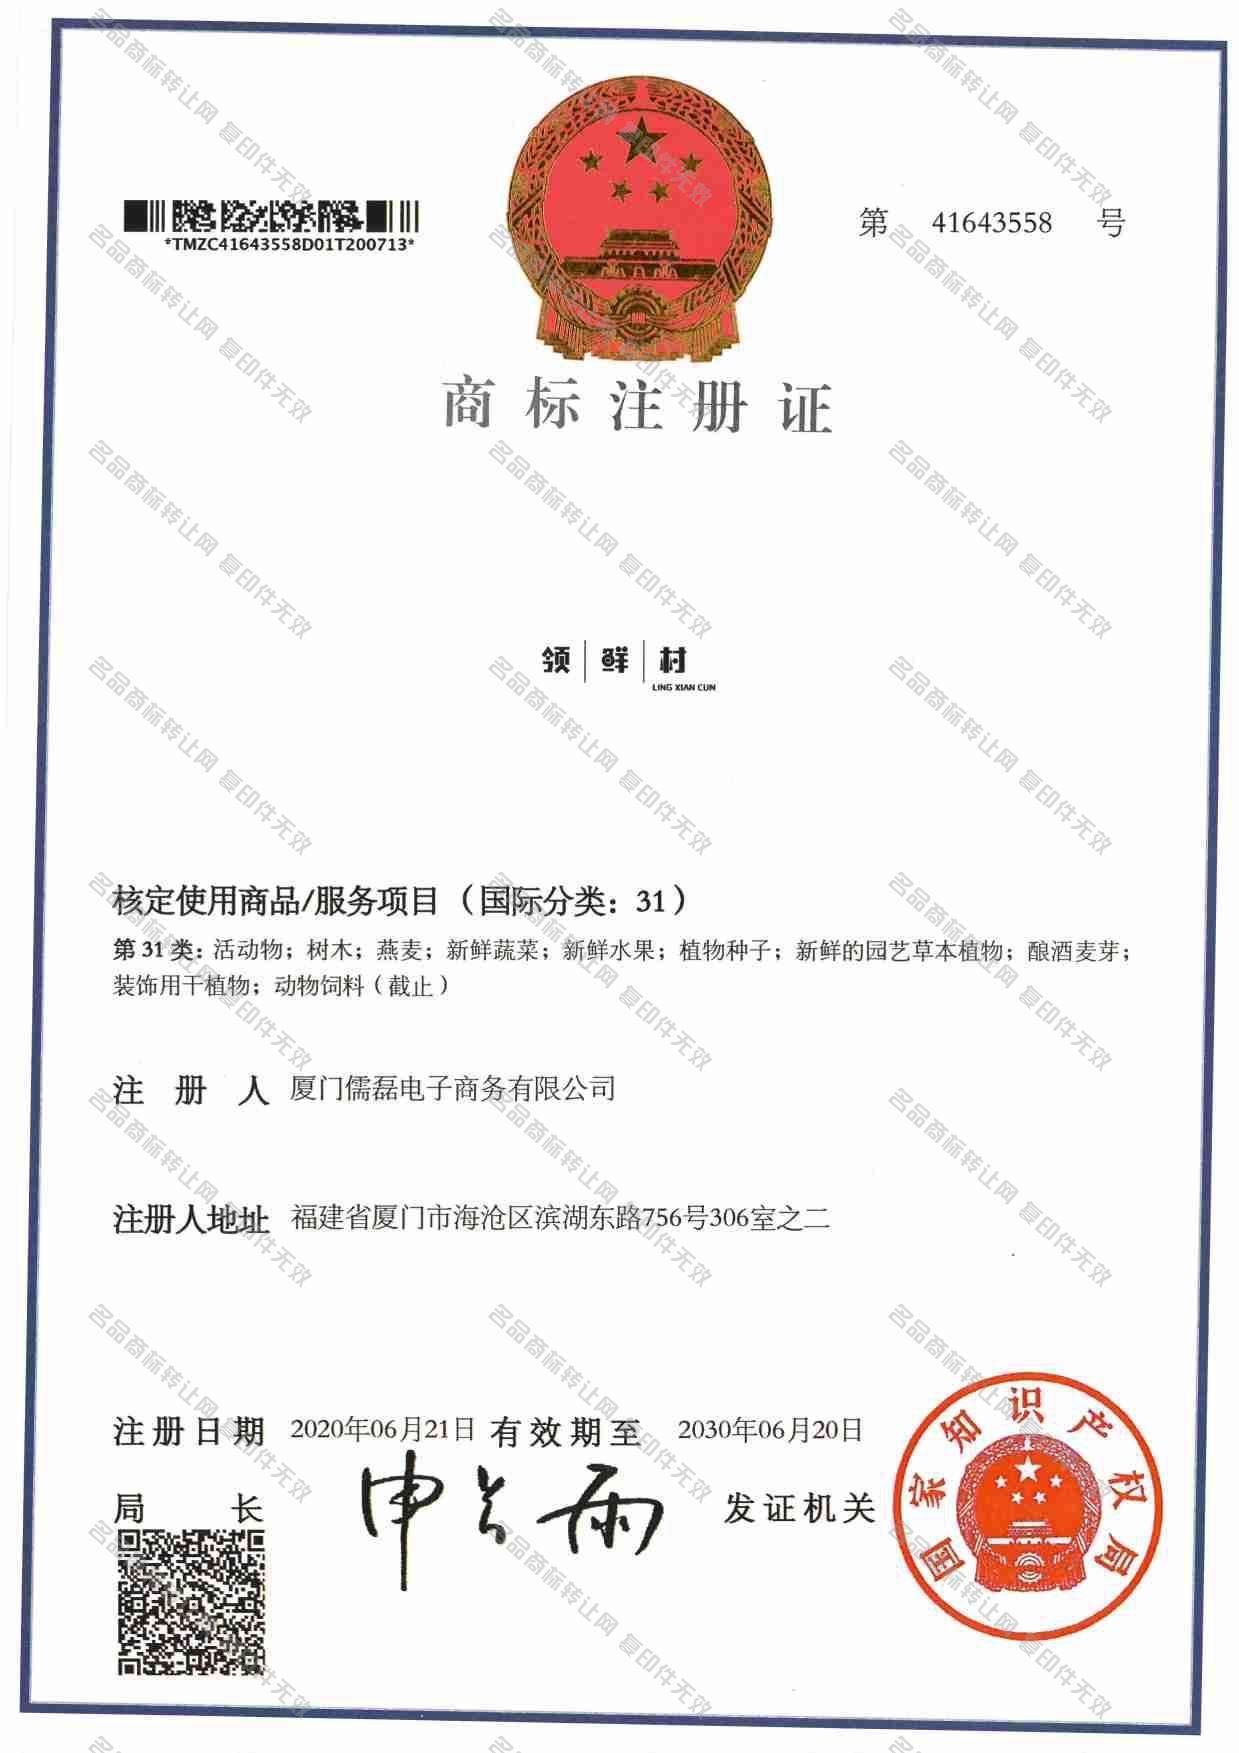 领鲜村;LINGXIANCUN注册证